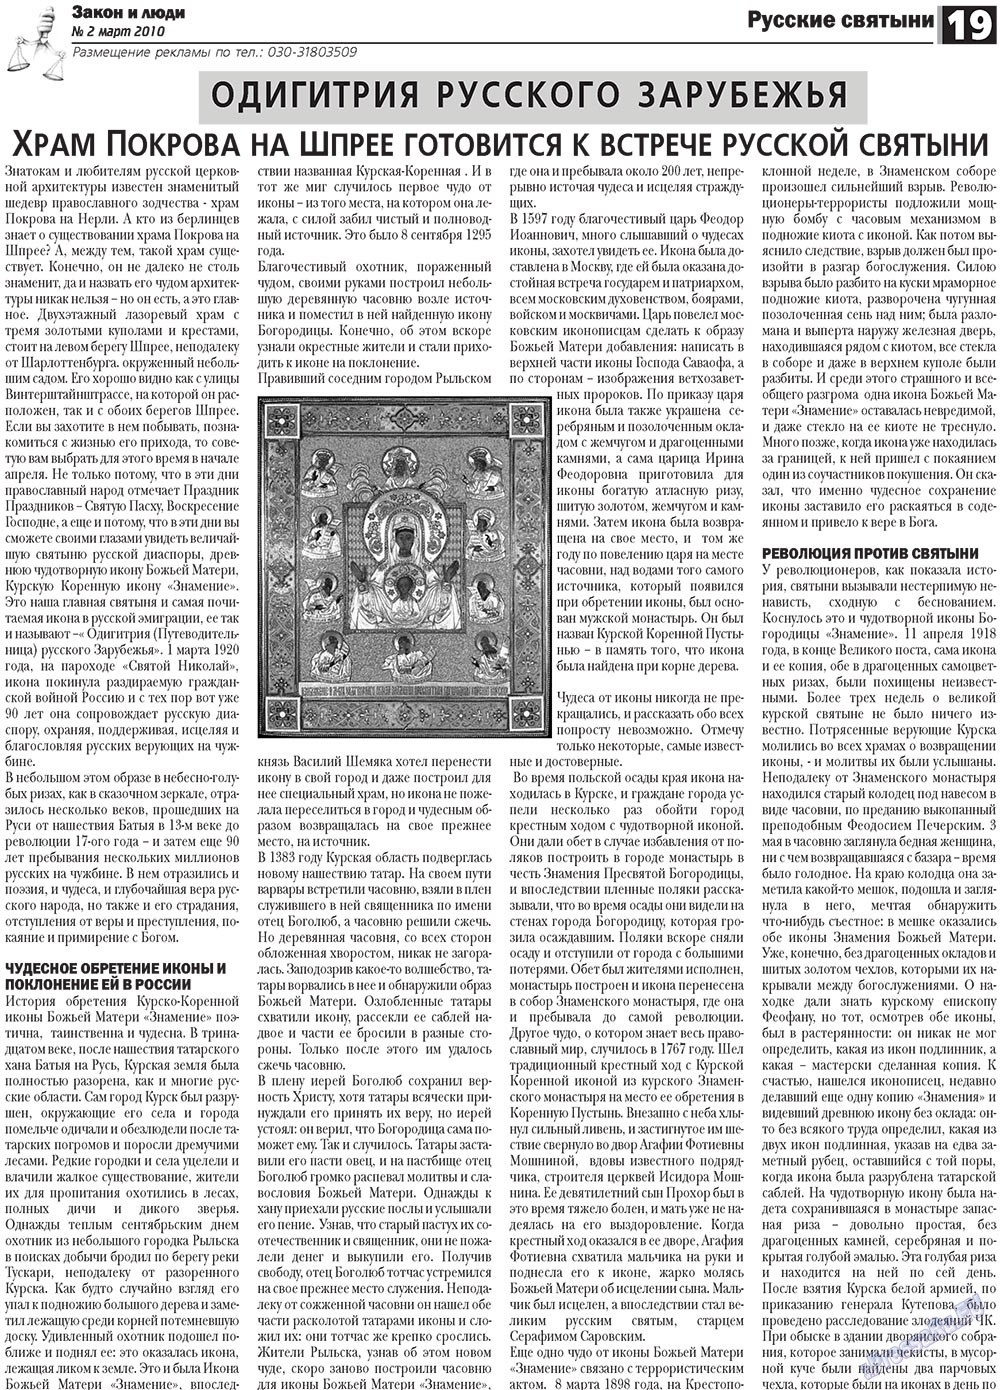 Закон и люди (газета). 2010 год, номер 2, стр. 19